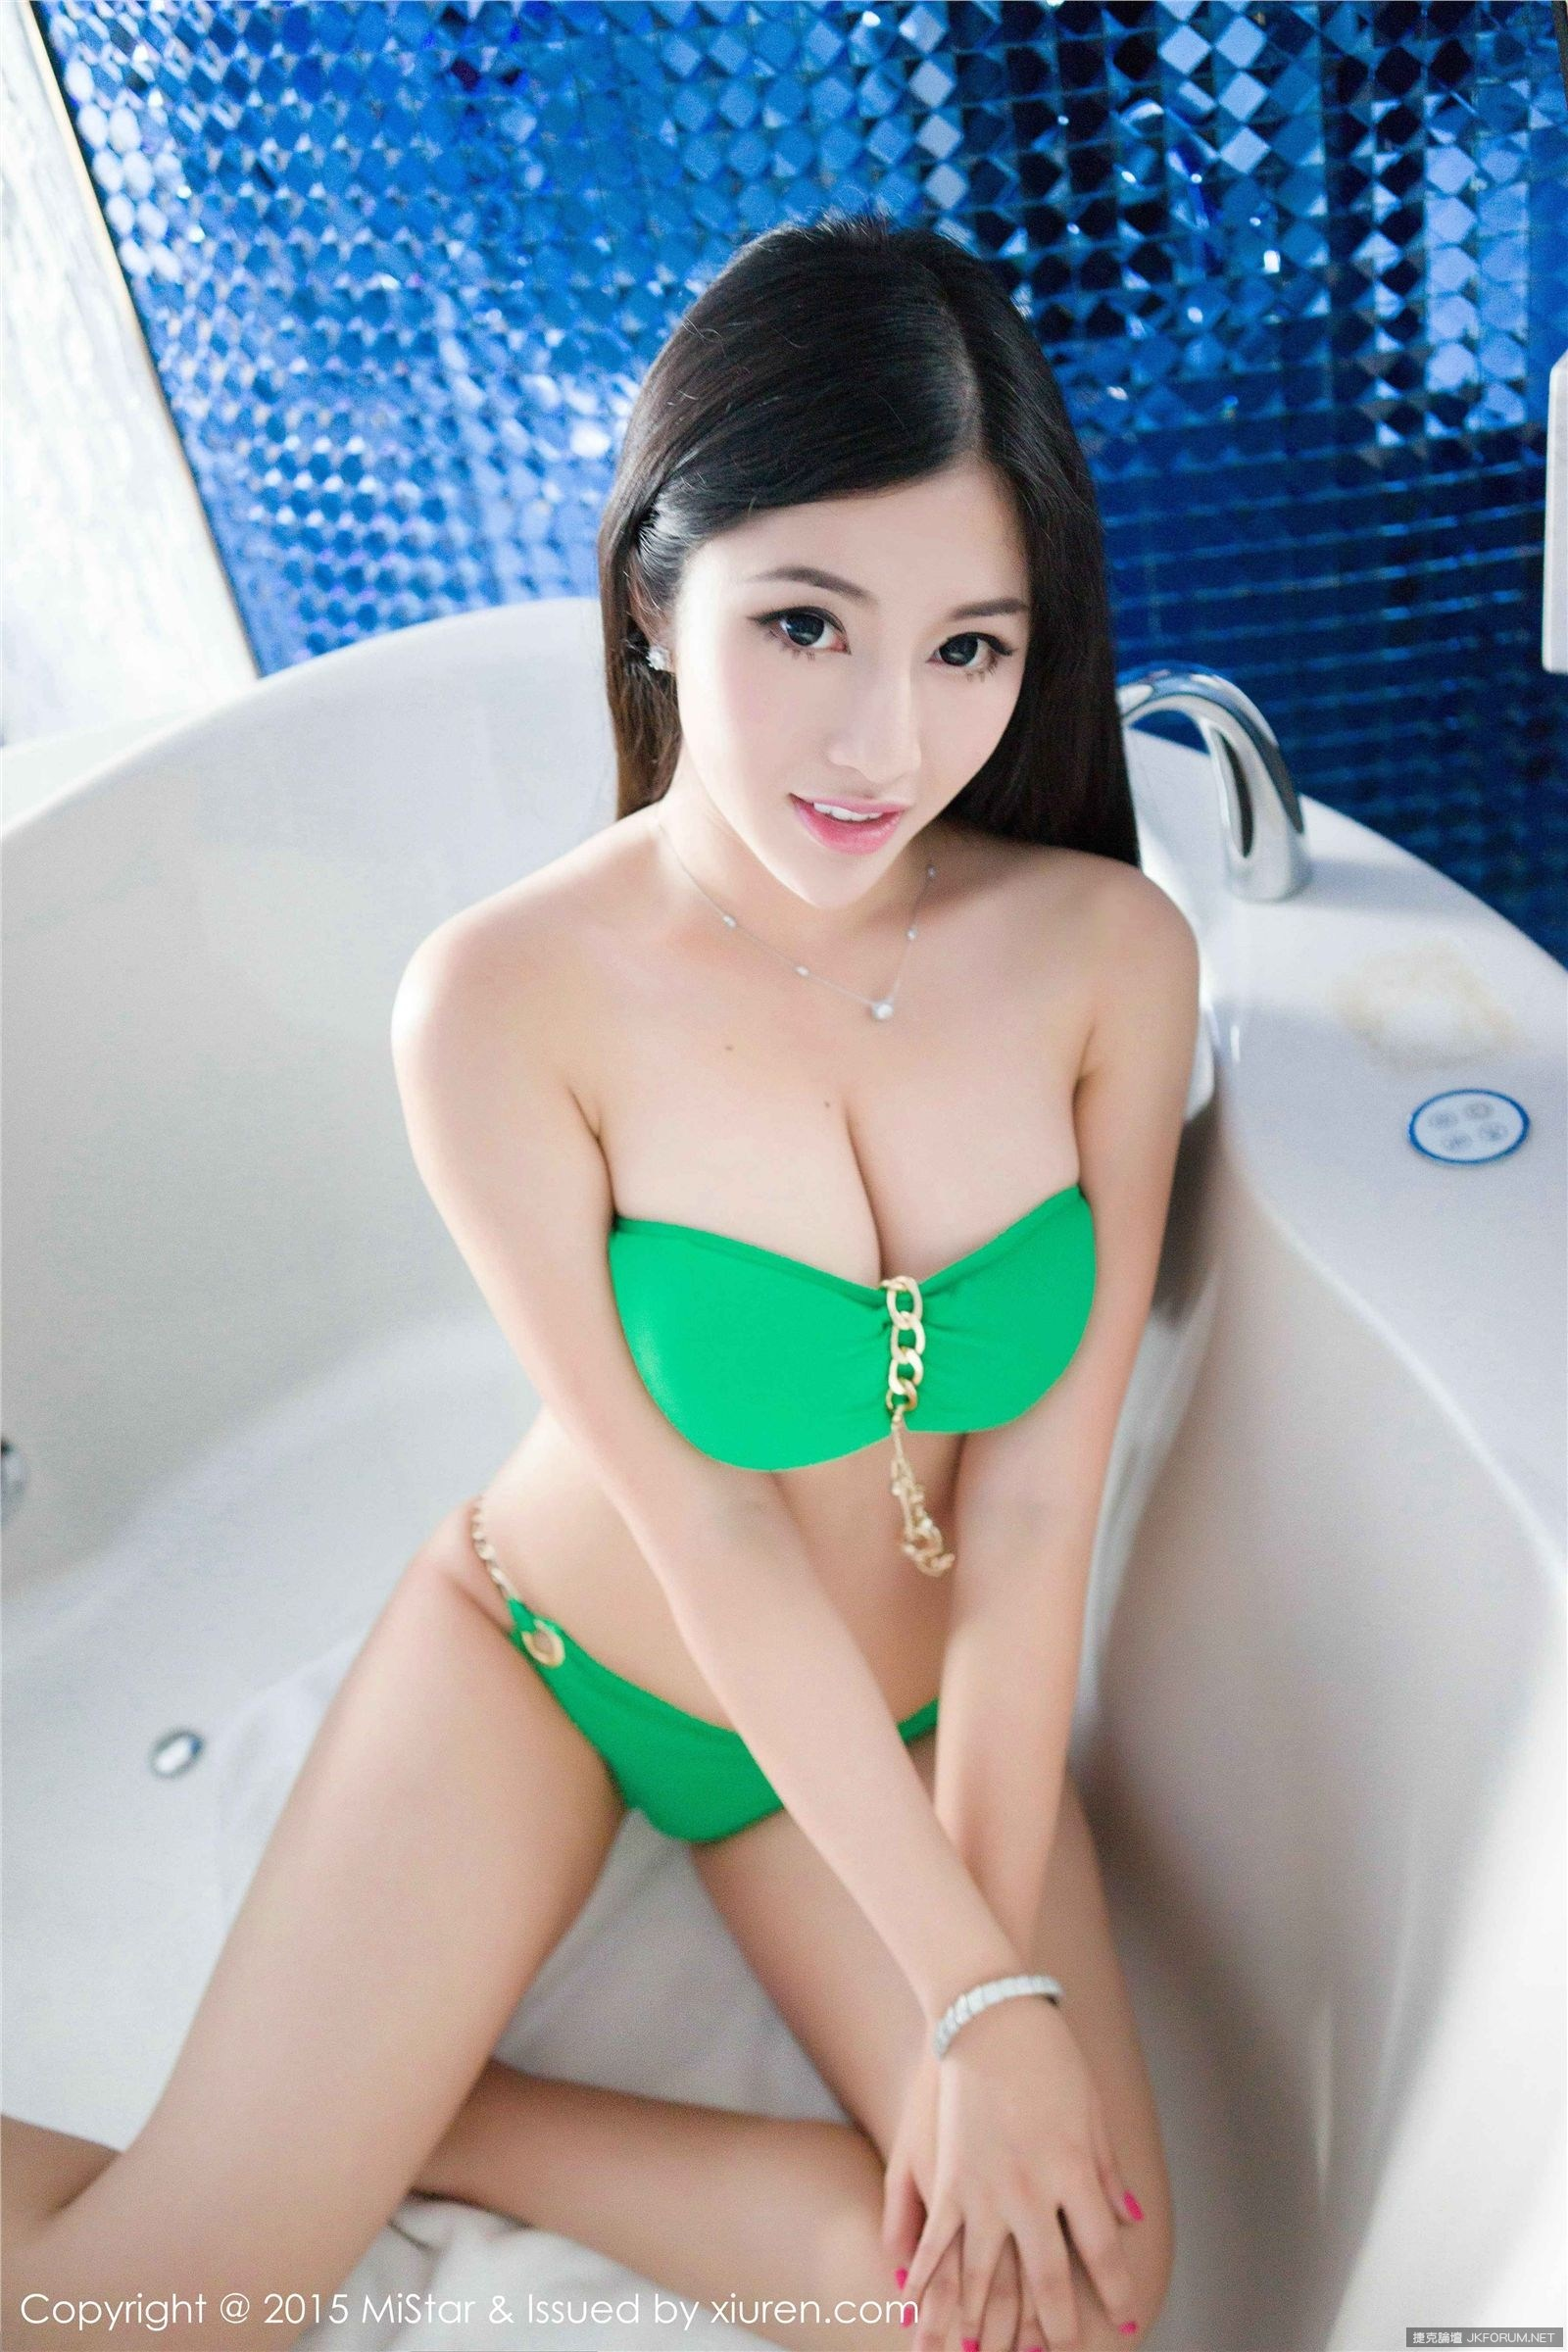 litu 100 archives: Busty Chinese Girl Tiffany Jia Jia 嘉嘉 Naked Massive Boobs Bikini Opened